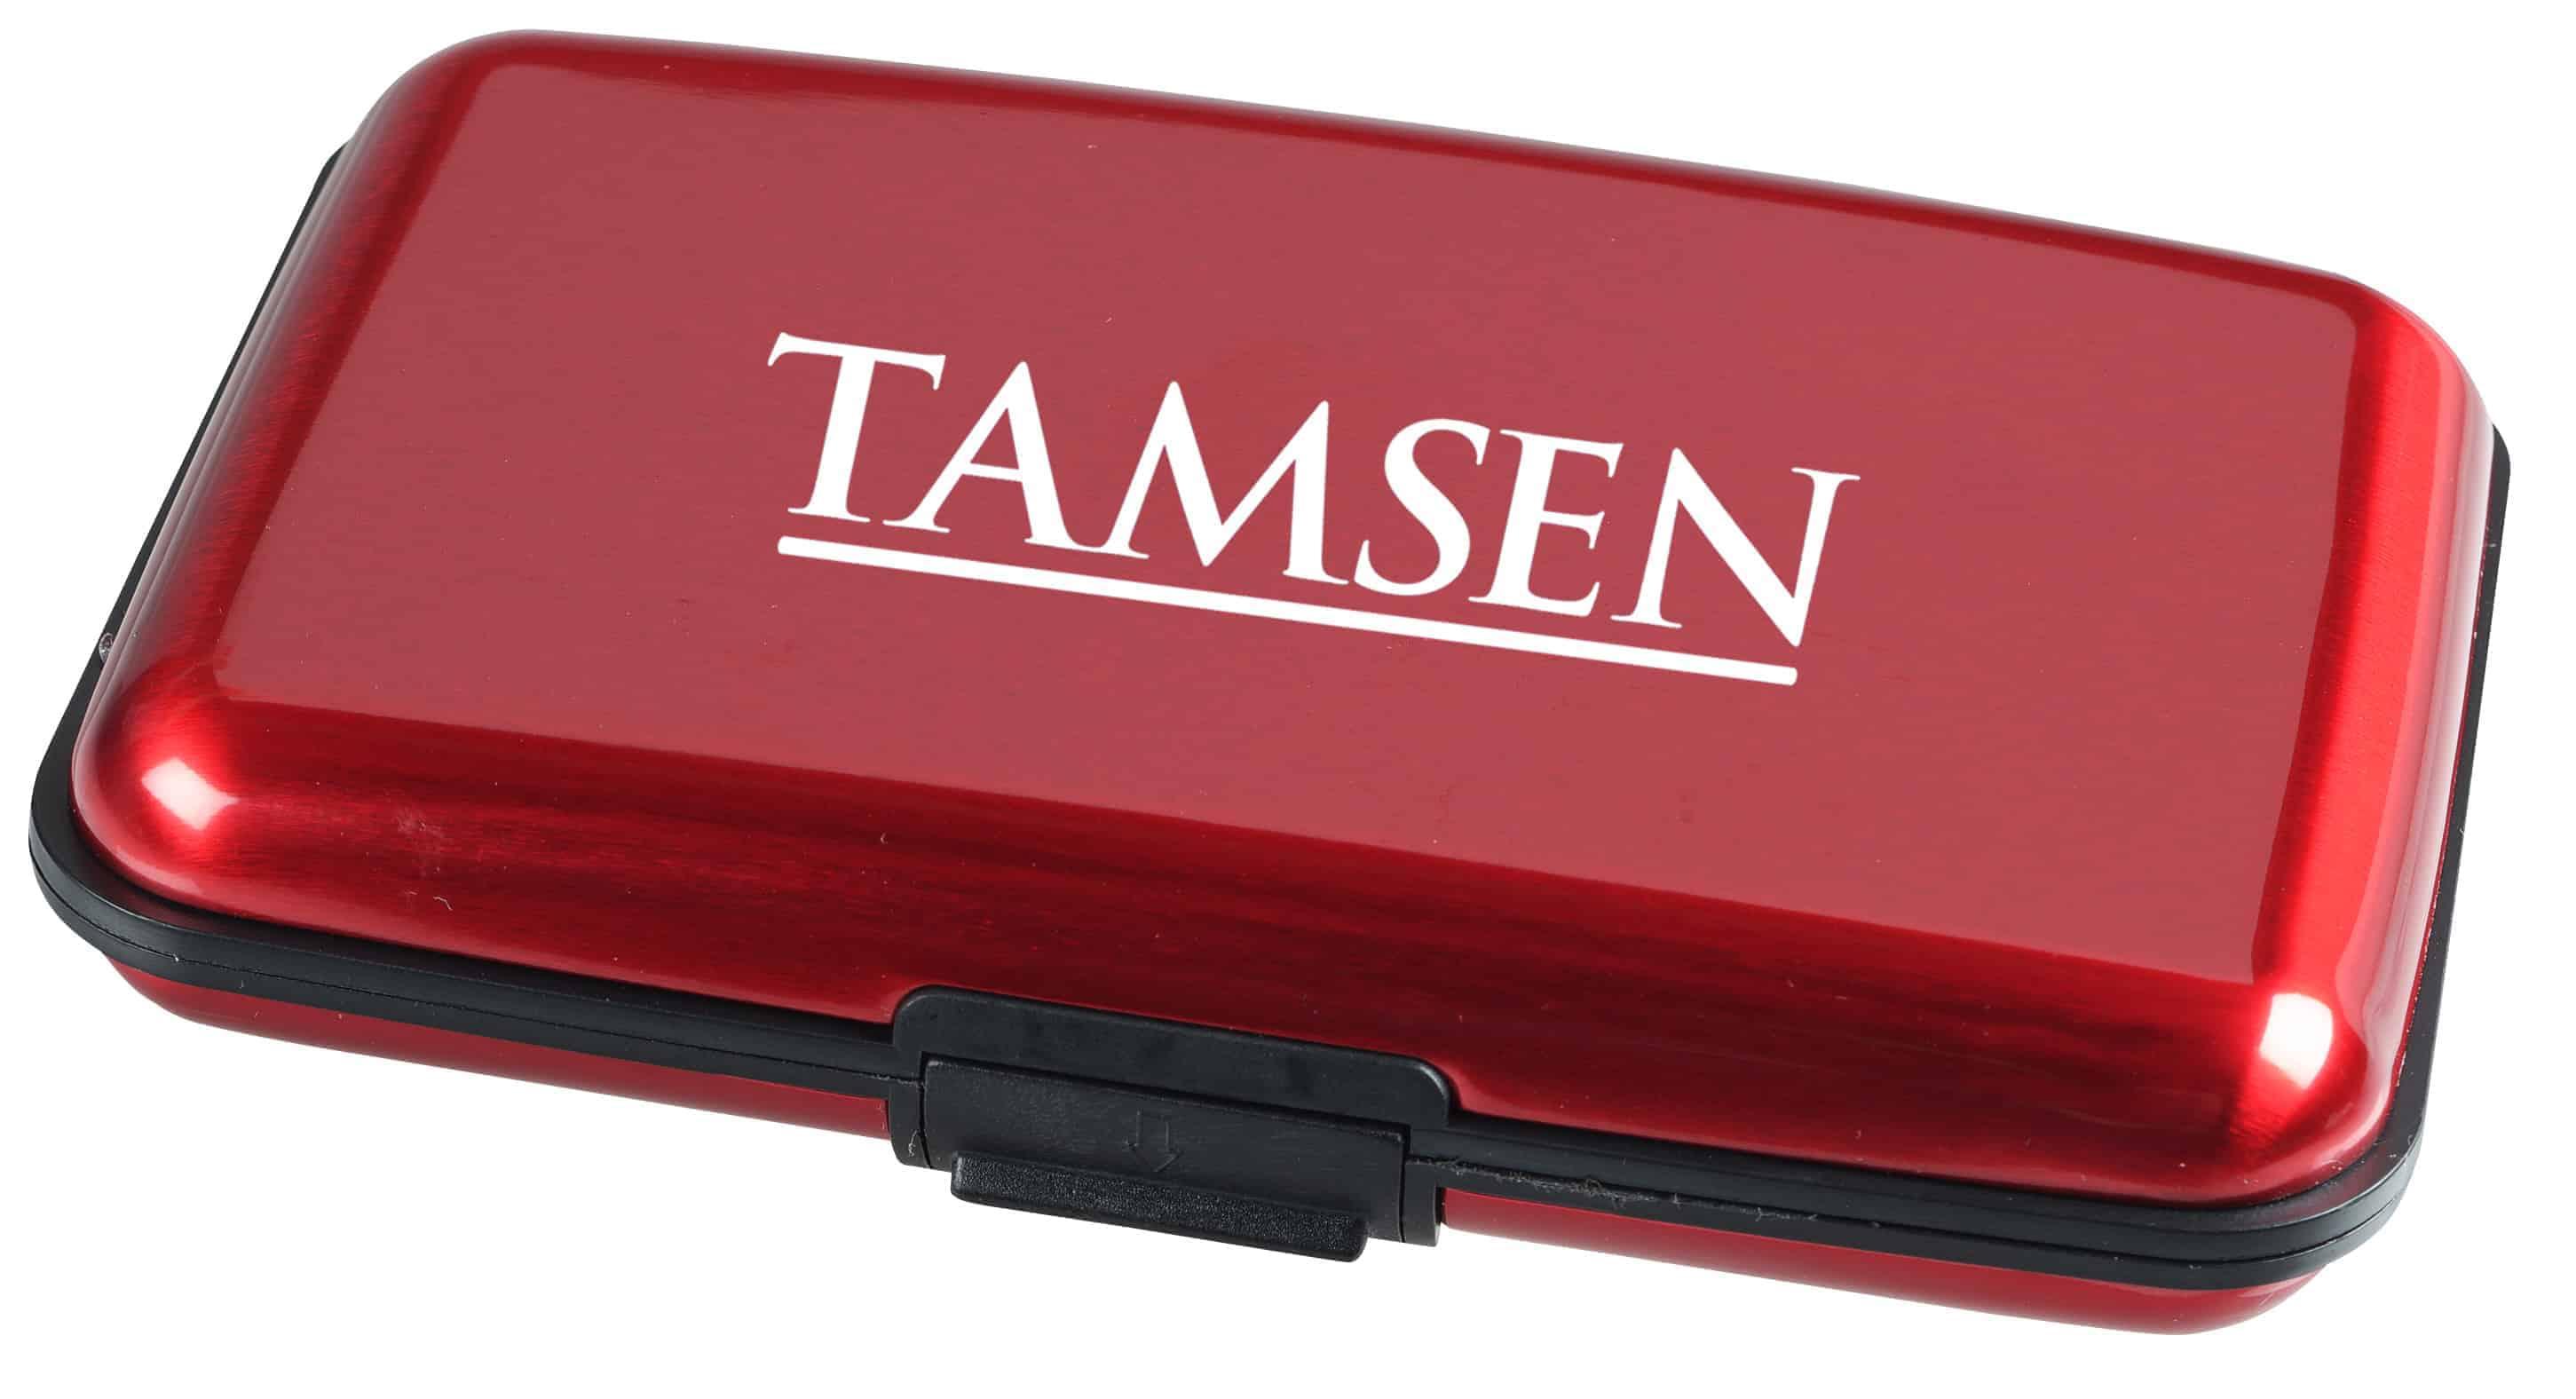 A red Aluminum Card Case.